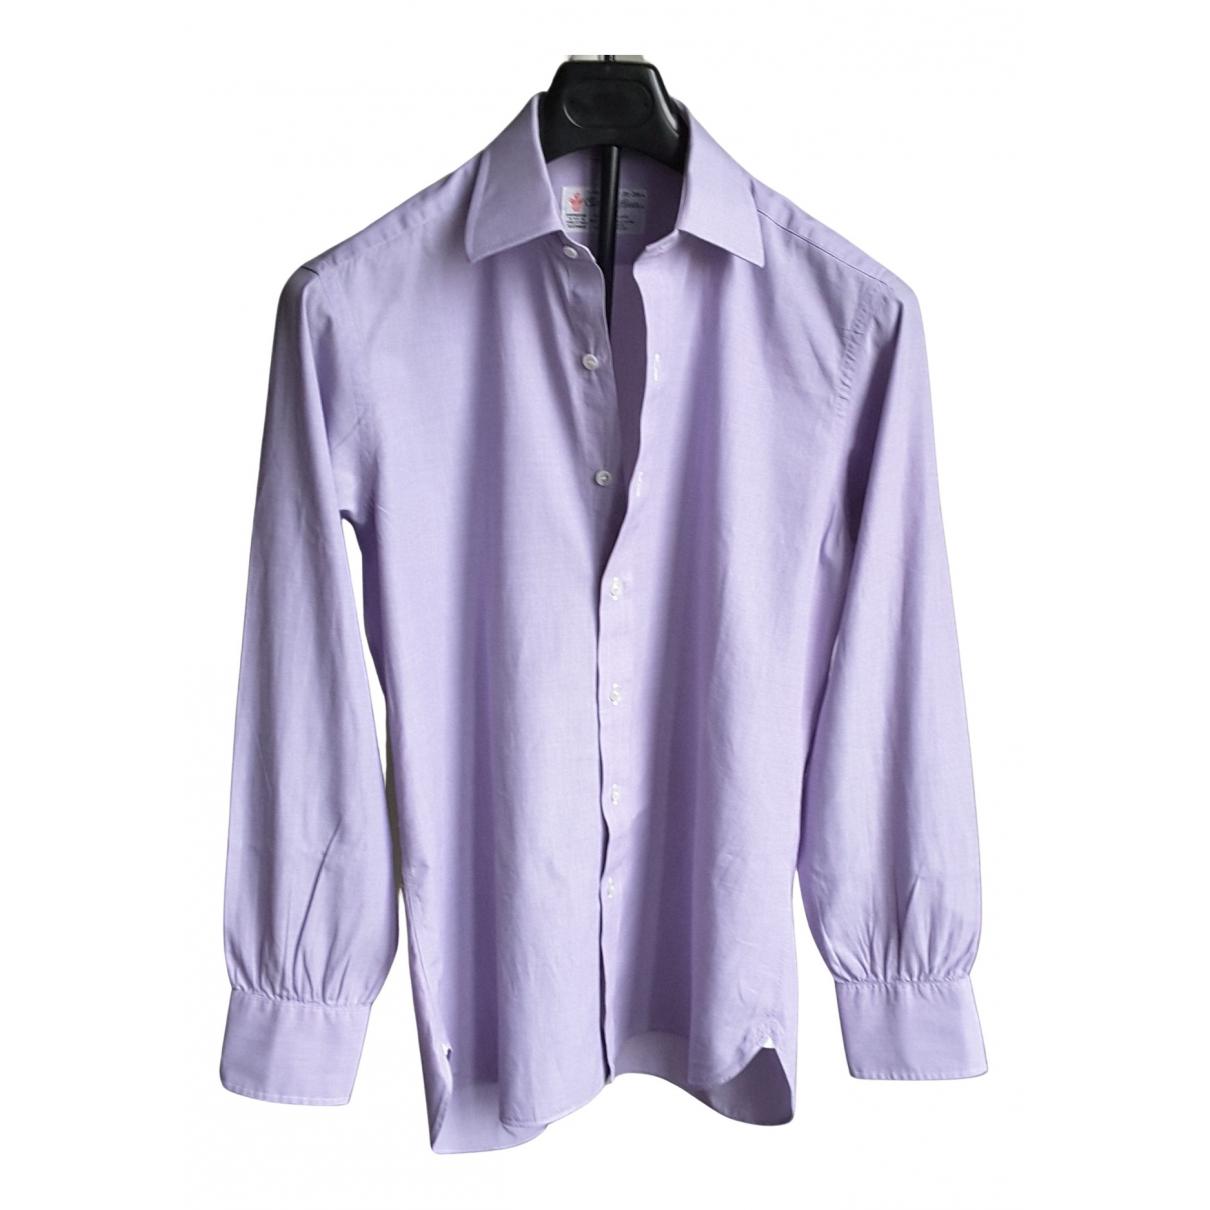 Turnbull & Asser - Chemises   pour homme en coton